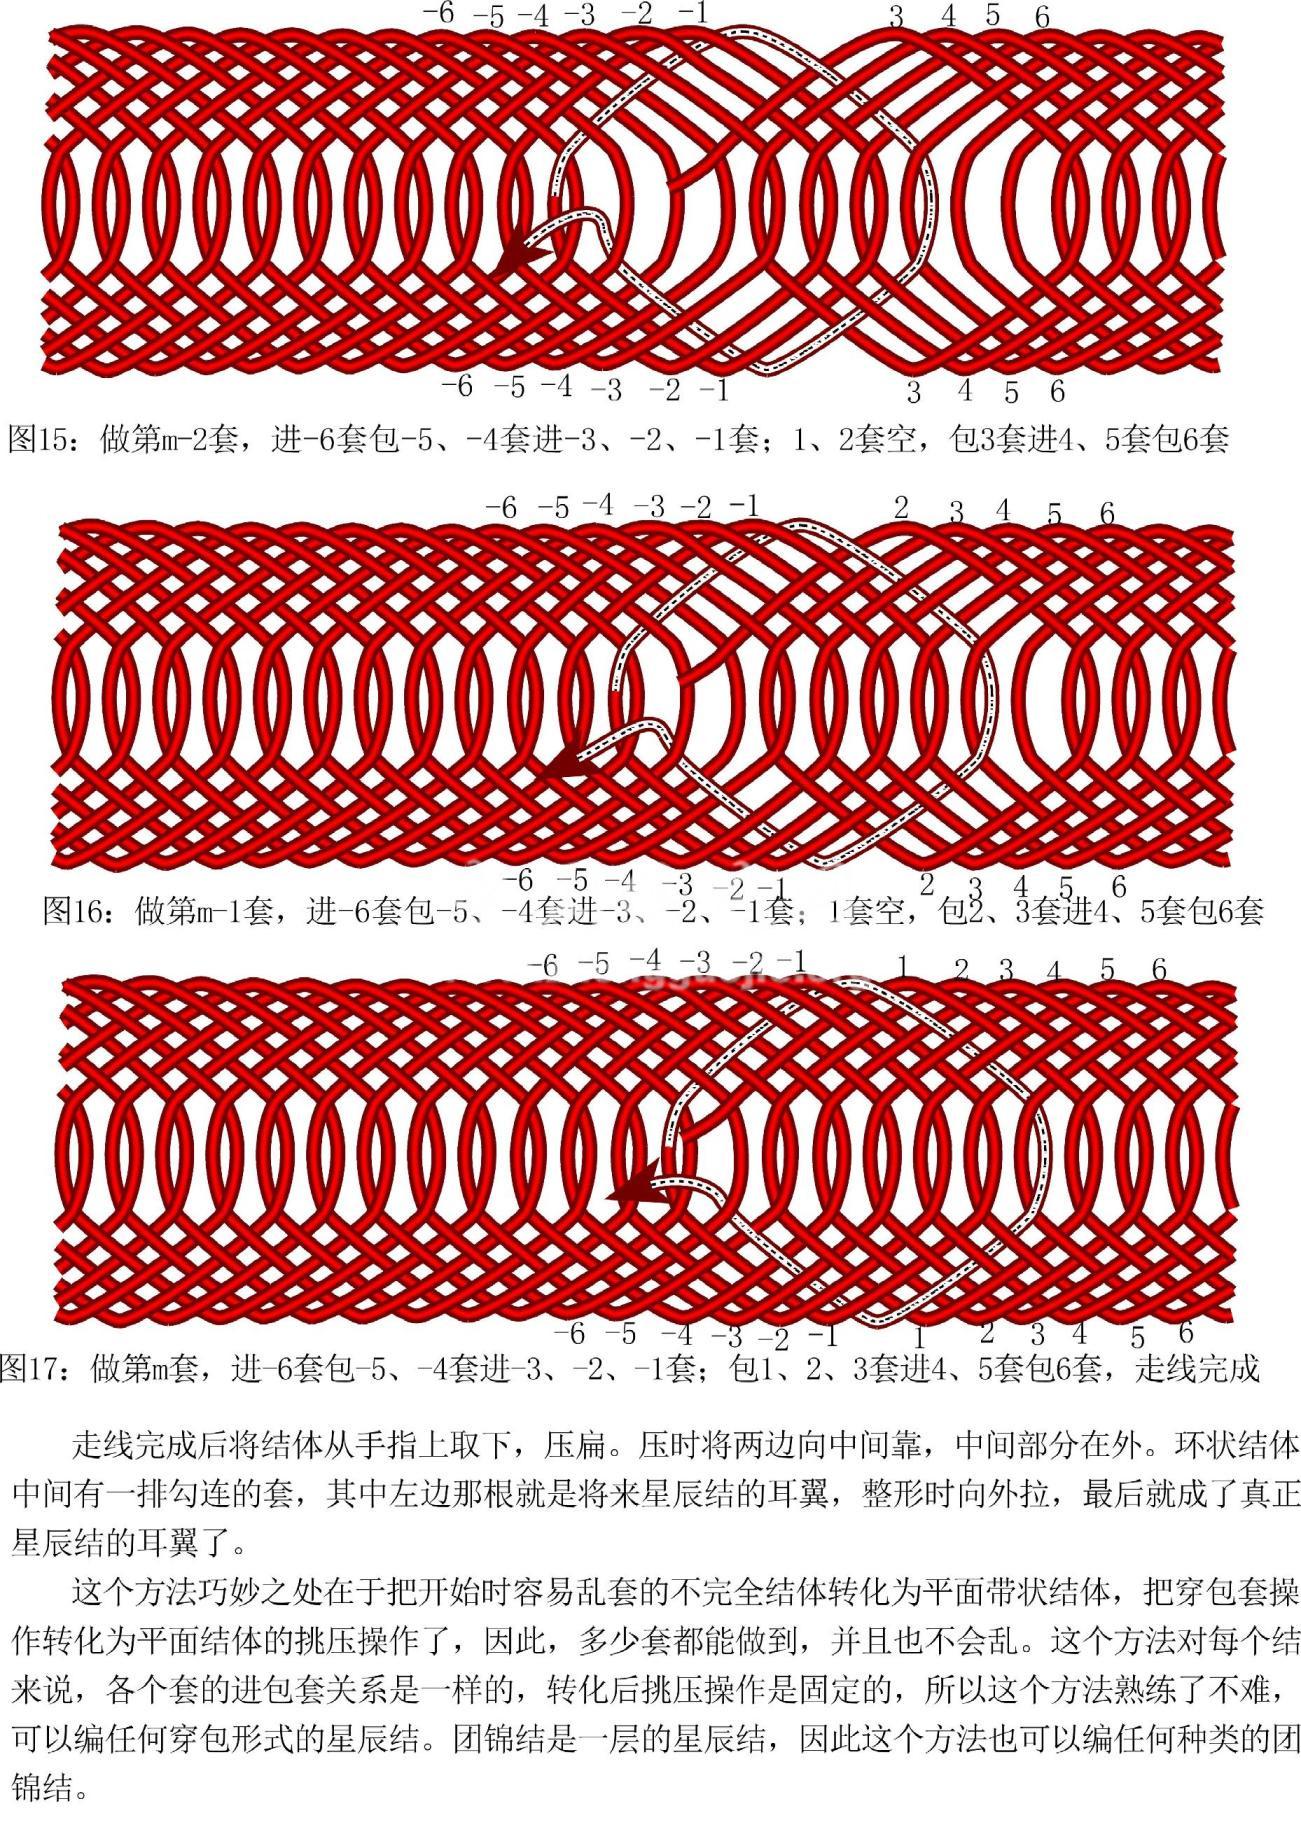 中国结论坛 团锦结星晨结的新徒手编法  丑丑徒手编结 174249c78cufkuhtfq8k0q